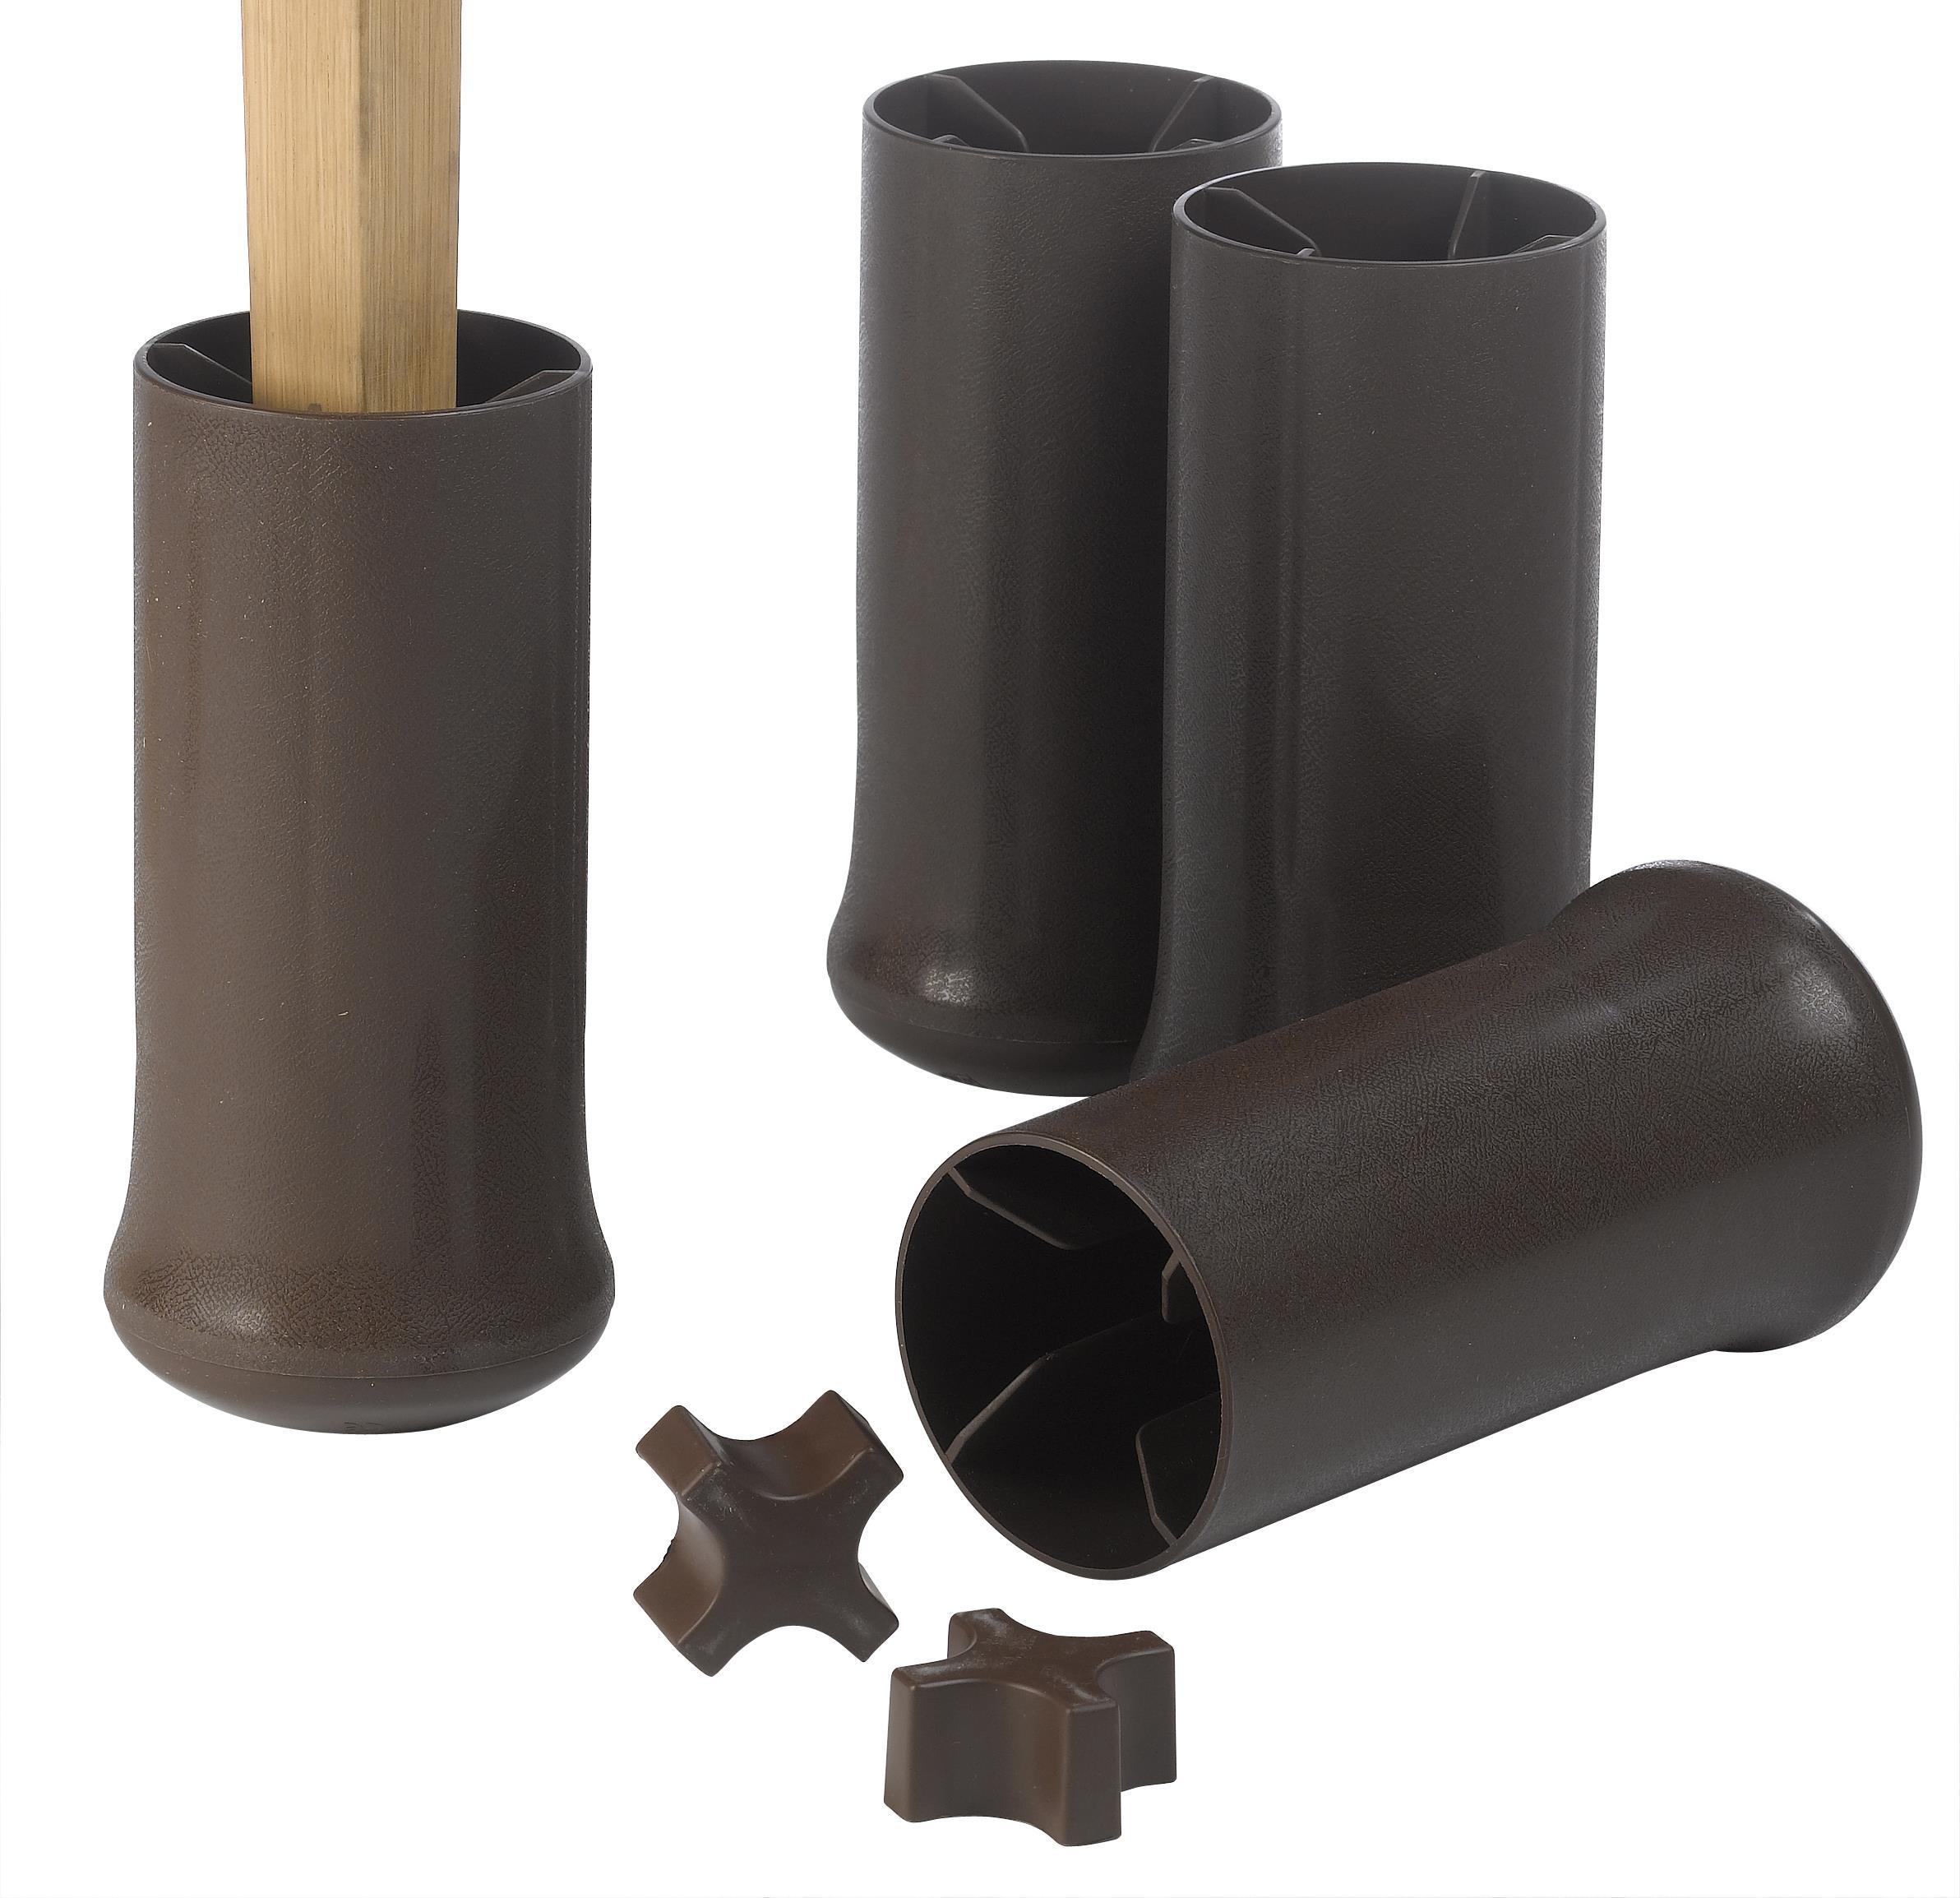 Forhøjerklodser, kan indstilles fra 7,5 – 12 cm. (4 stk.) – pris 499.00